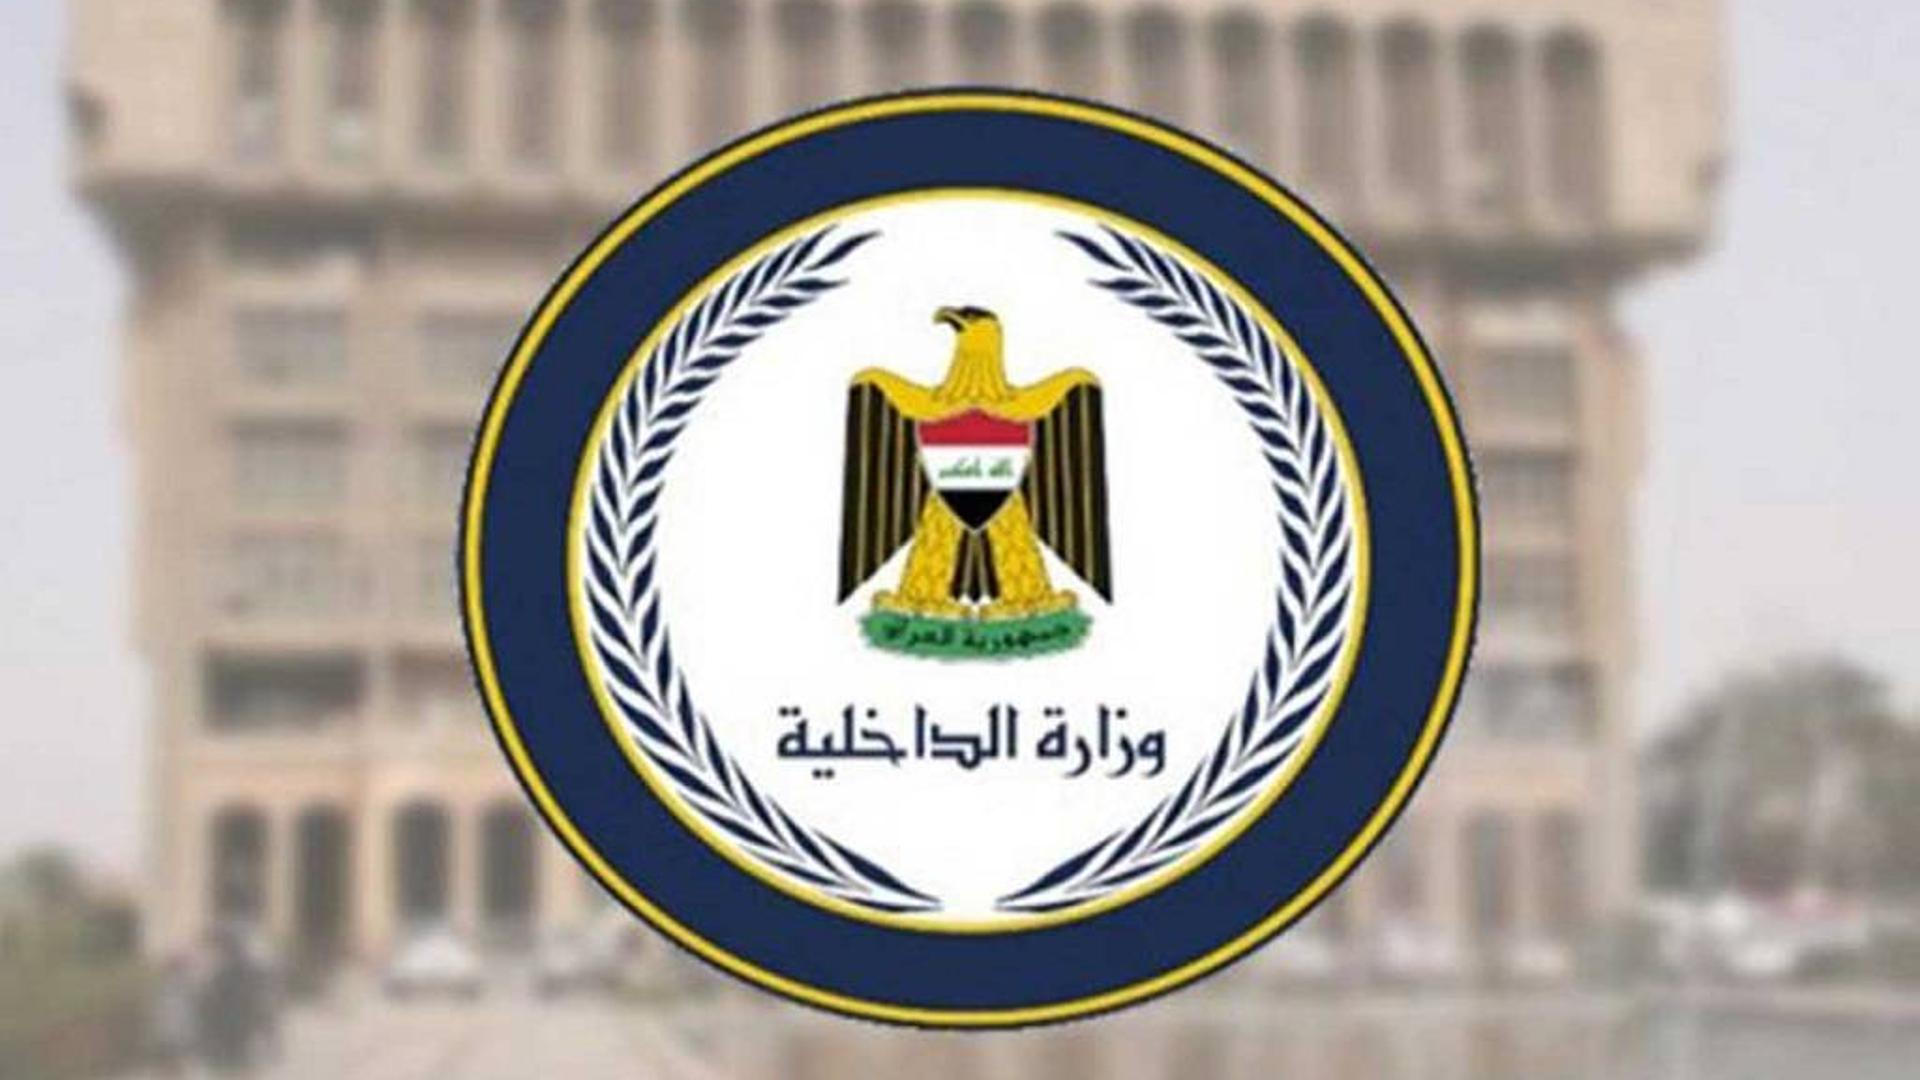 الداخلية تباشر بإعادة إصدار البطاقة الوطنية الموحدة